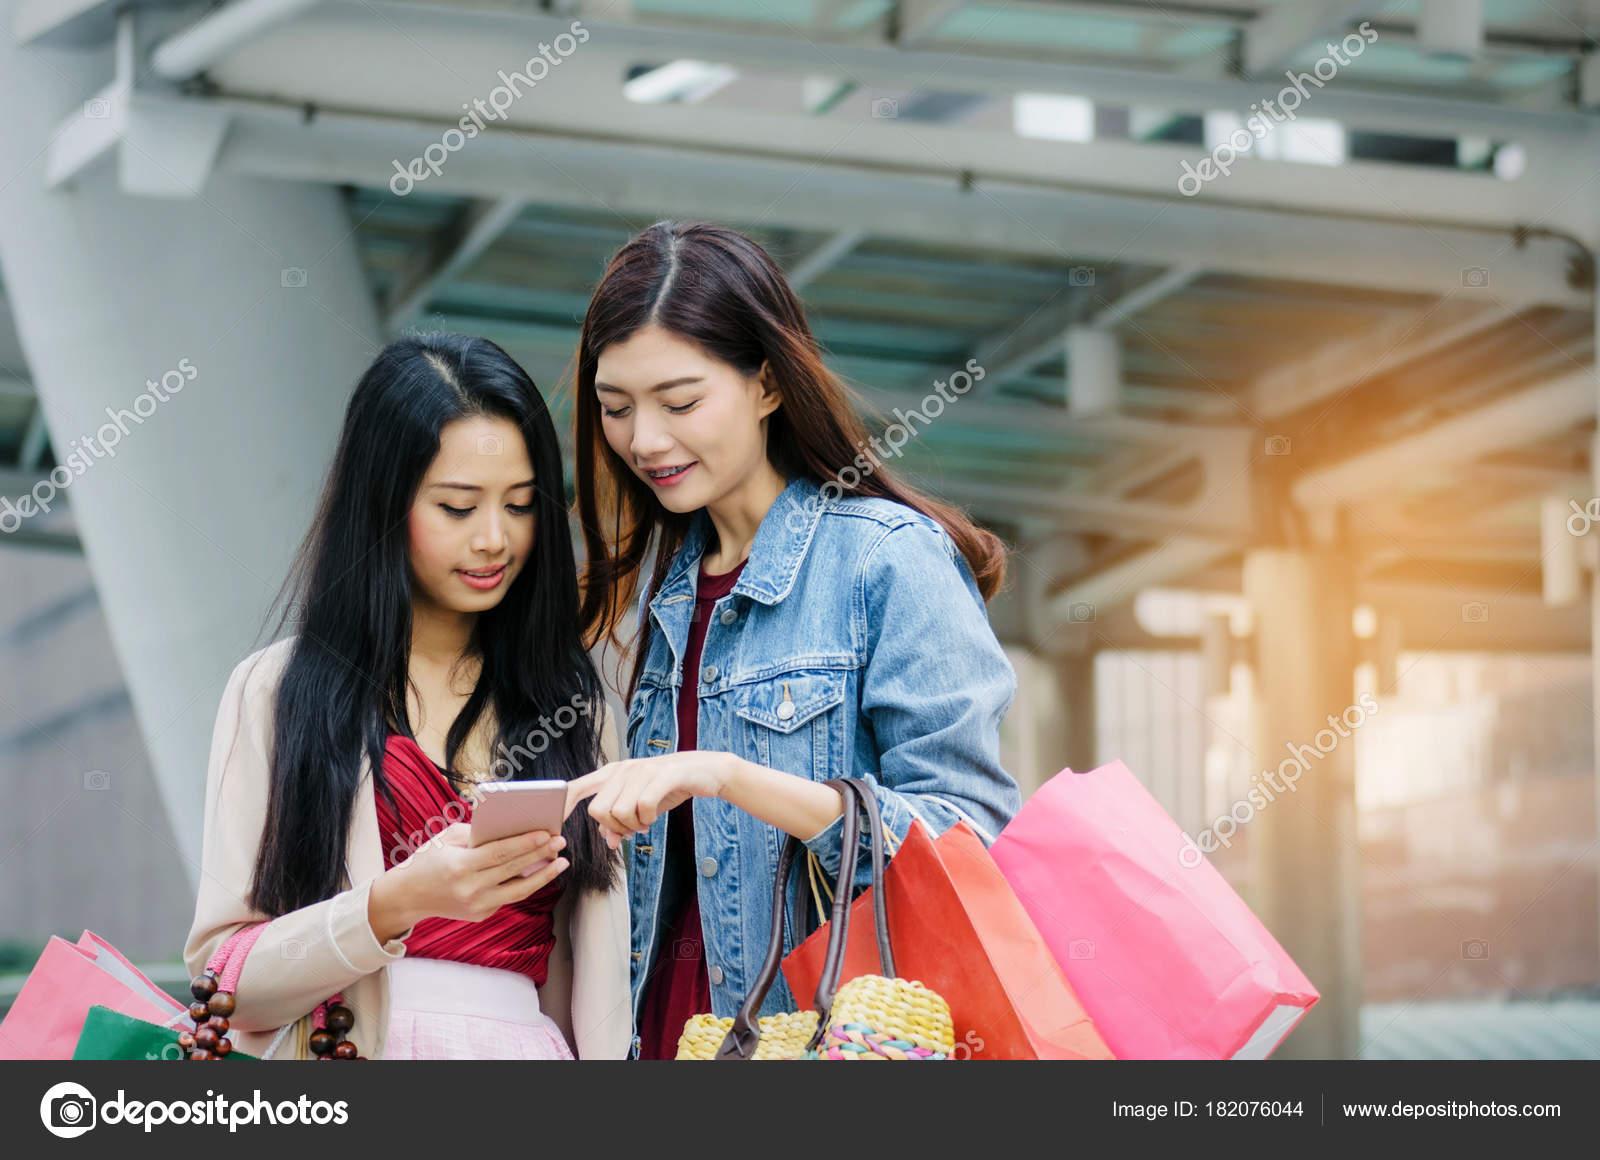 aee270cf8 Duas linda alegre jovem mulher asiática com móvel telefone inteligente segurando  sacolas andando juntos na cidade moderna